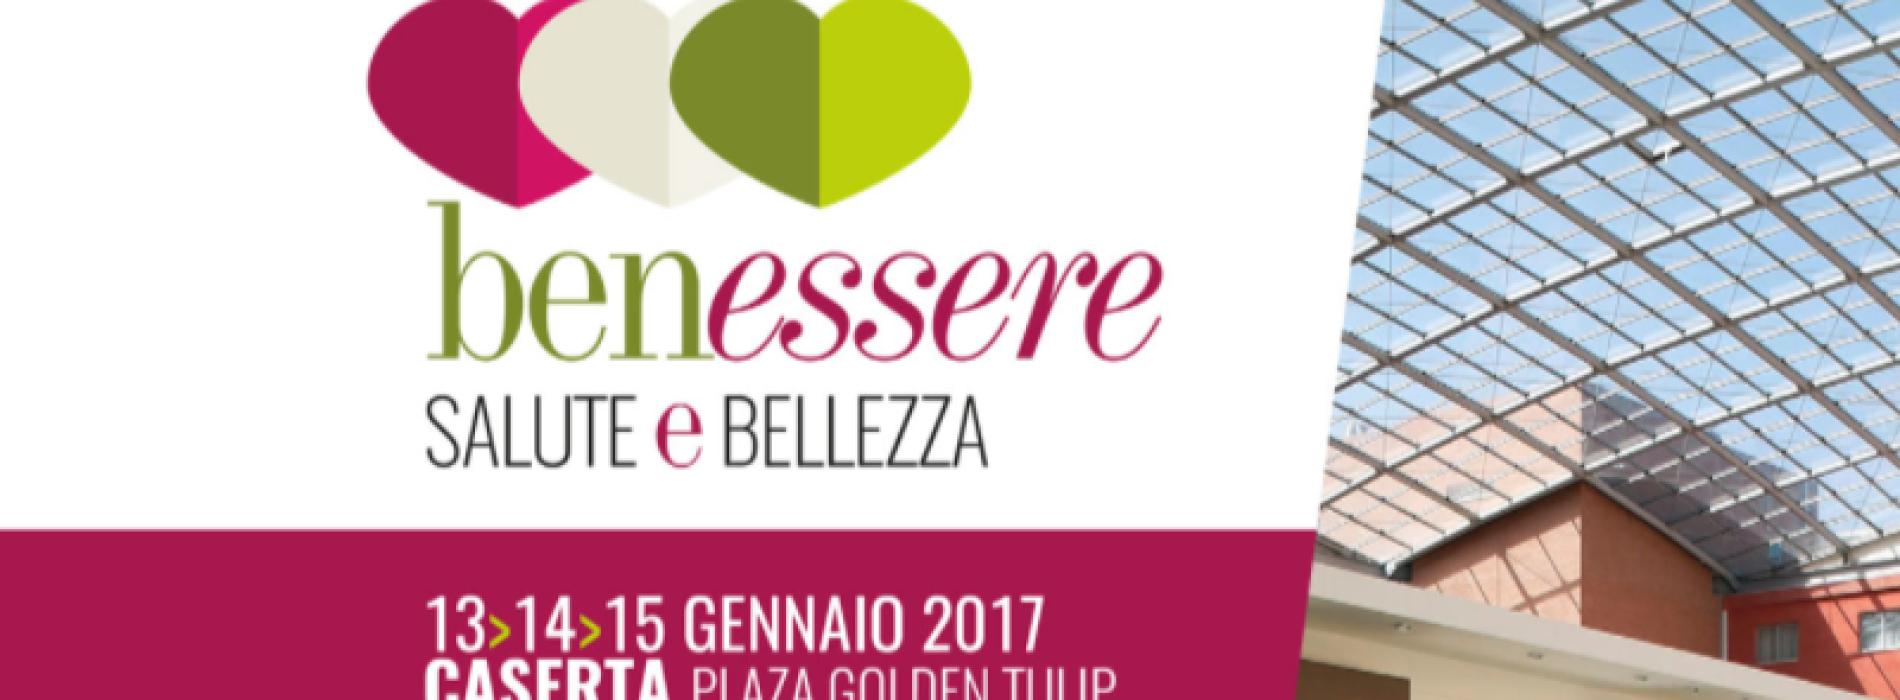 Appuntamento al Plaza, a Caserta il Forum del benessere